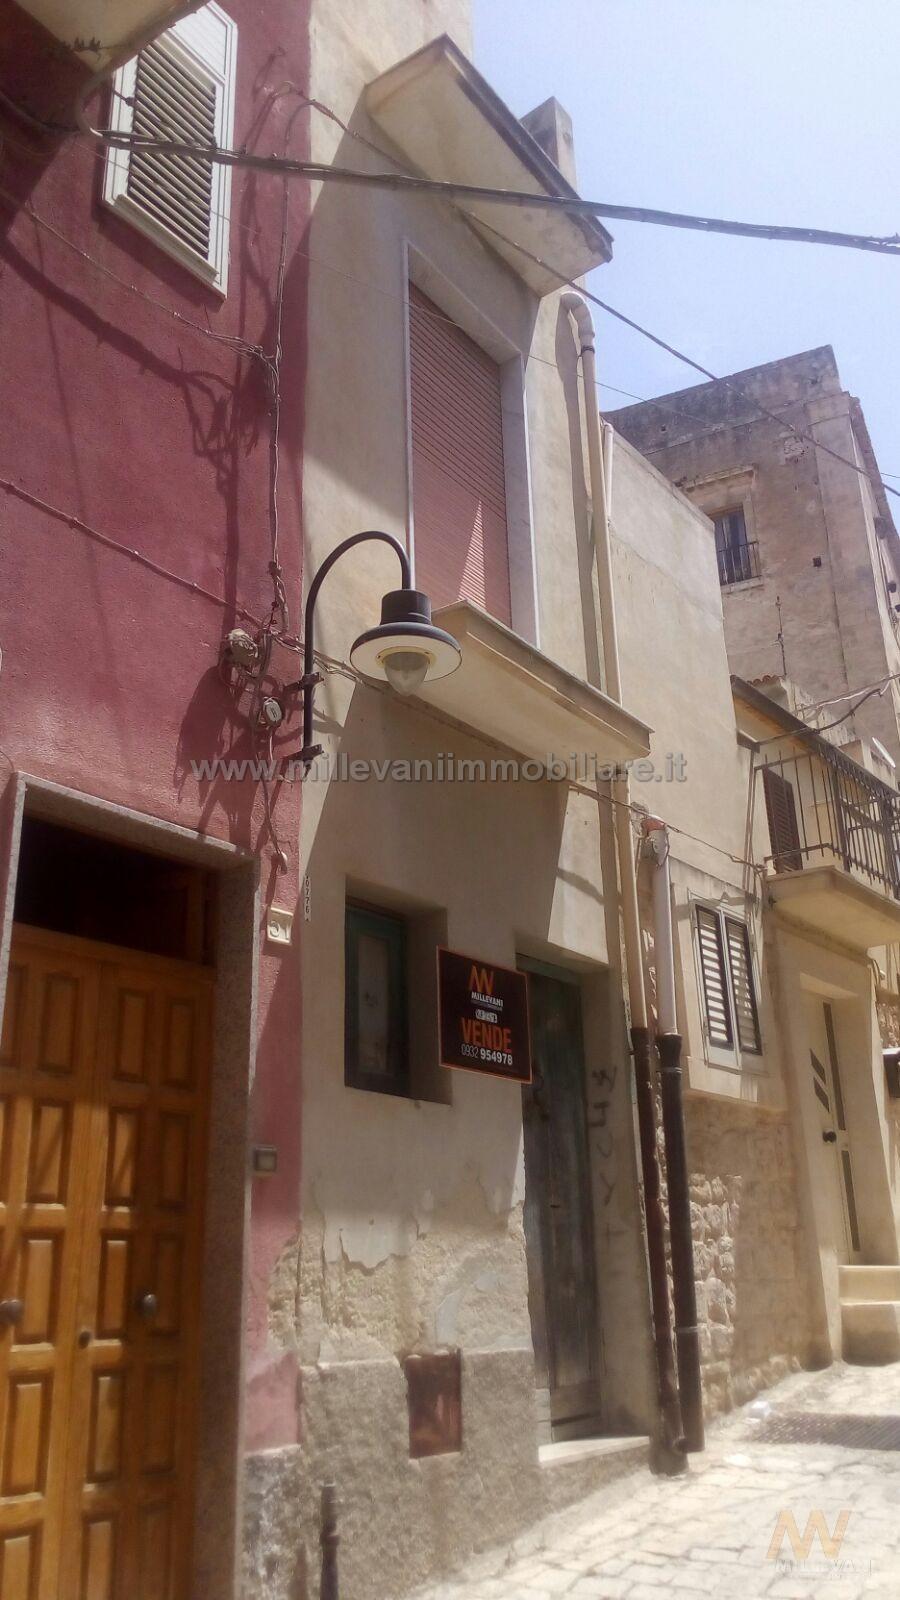 Soluzione Indipendente in vendita a Scicli, 3 locali, prezzo € 48.000 | Cambio Casa.it